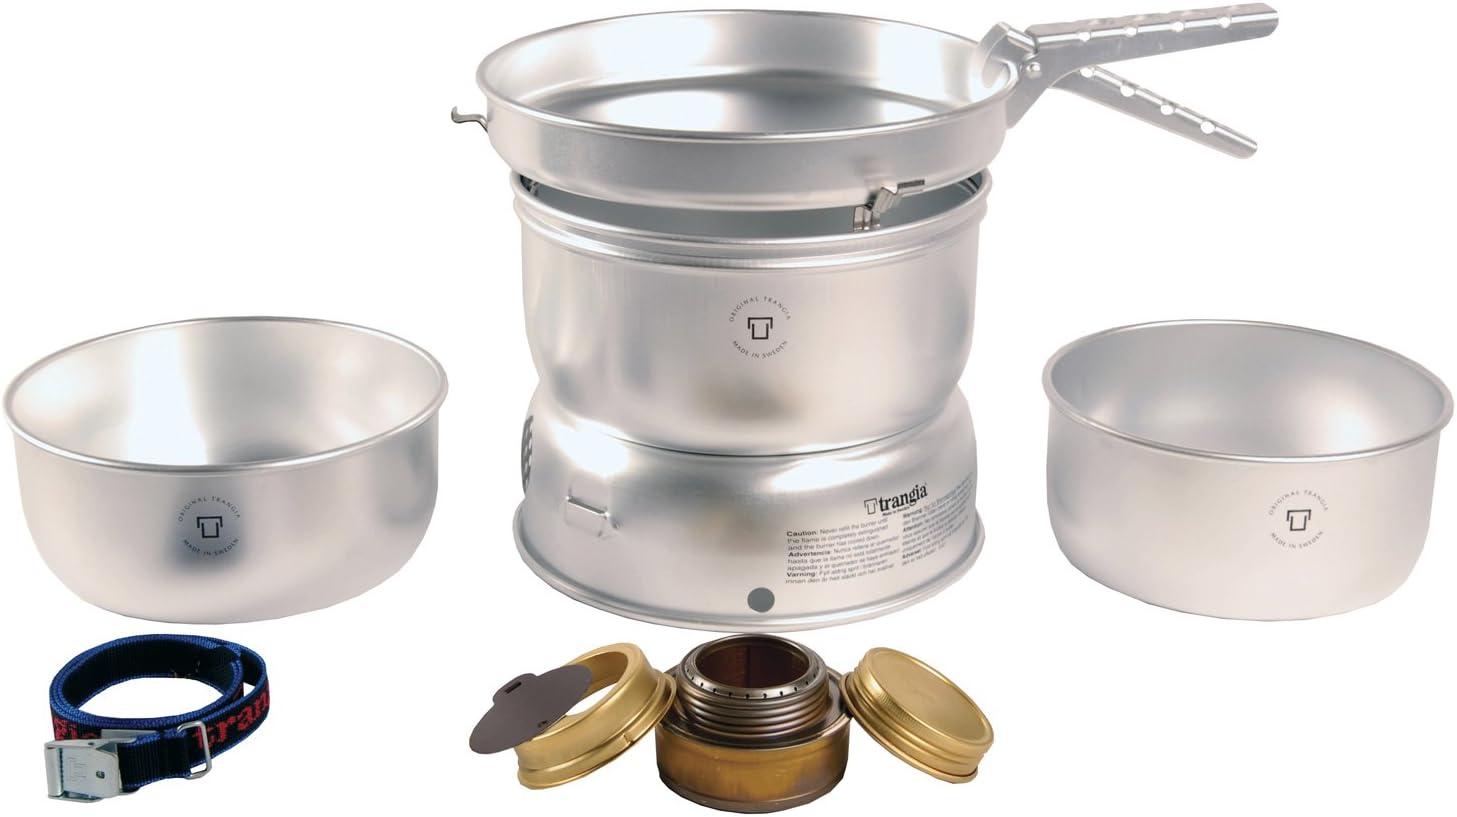 Trangia Aluminio 27-1 Cocina Plata